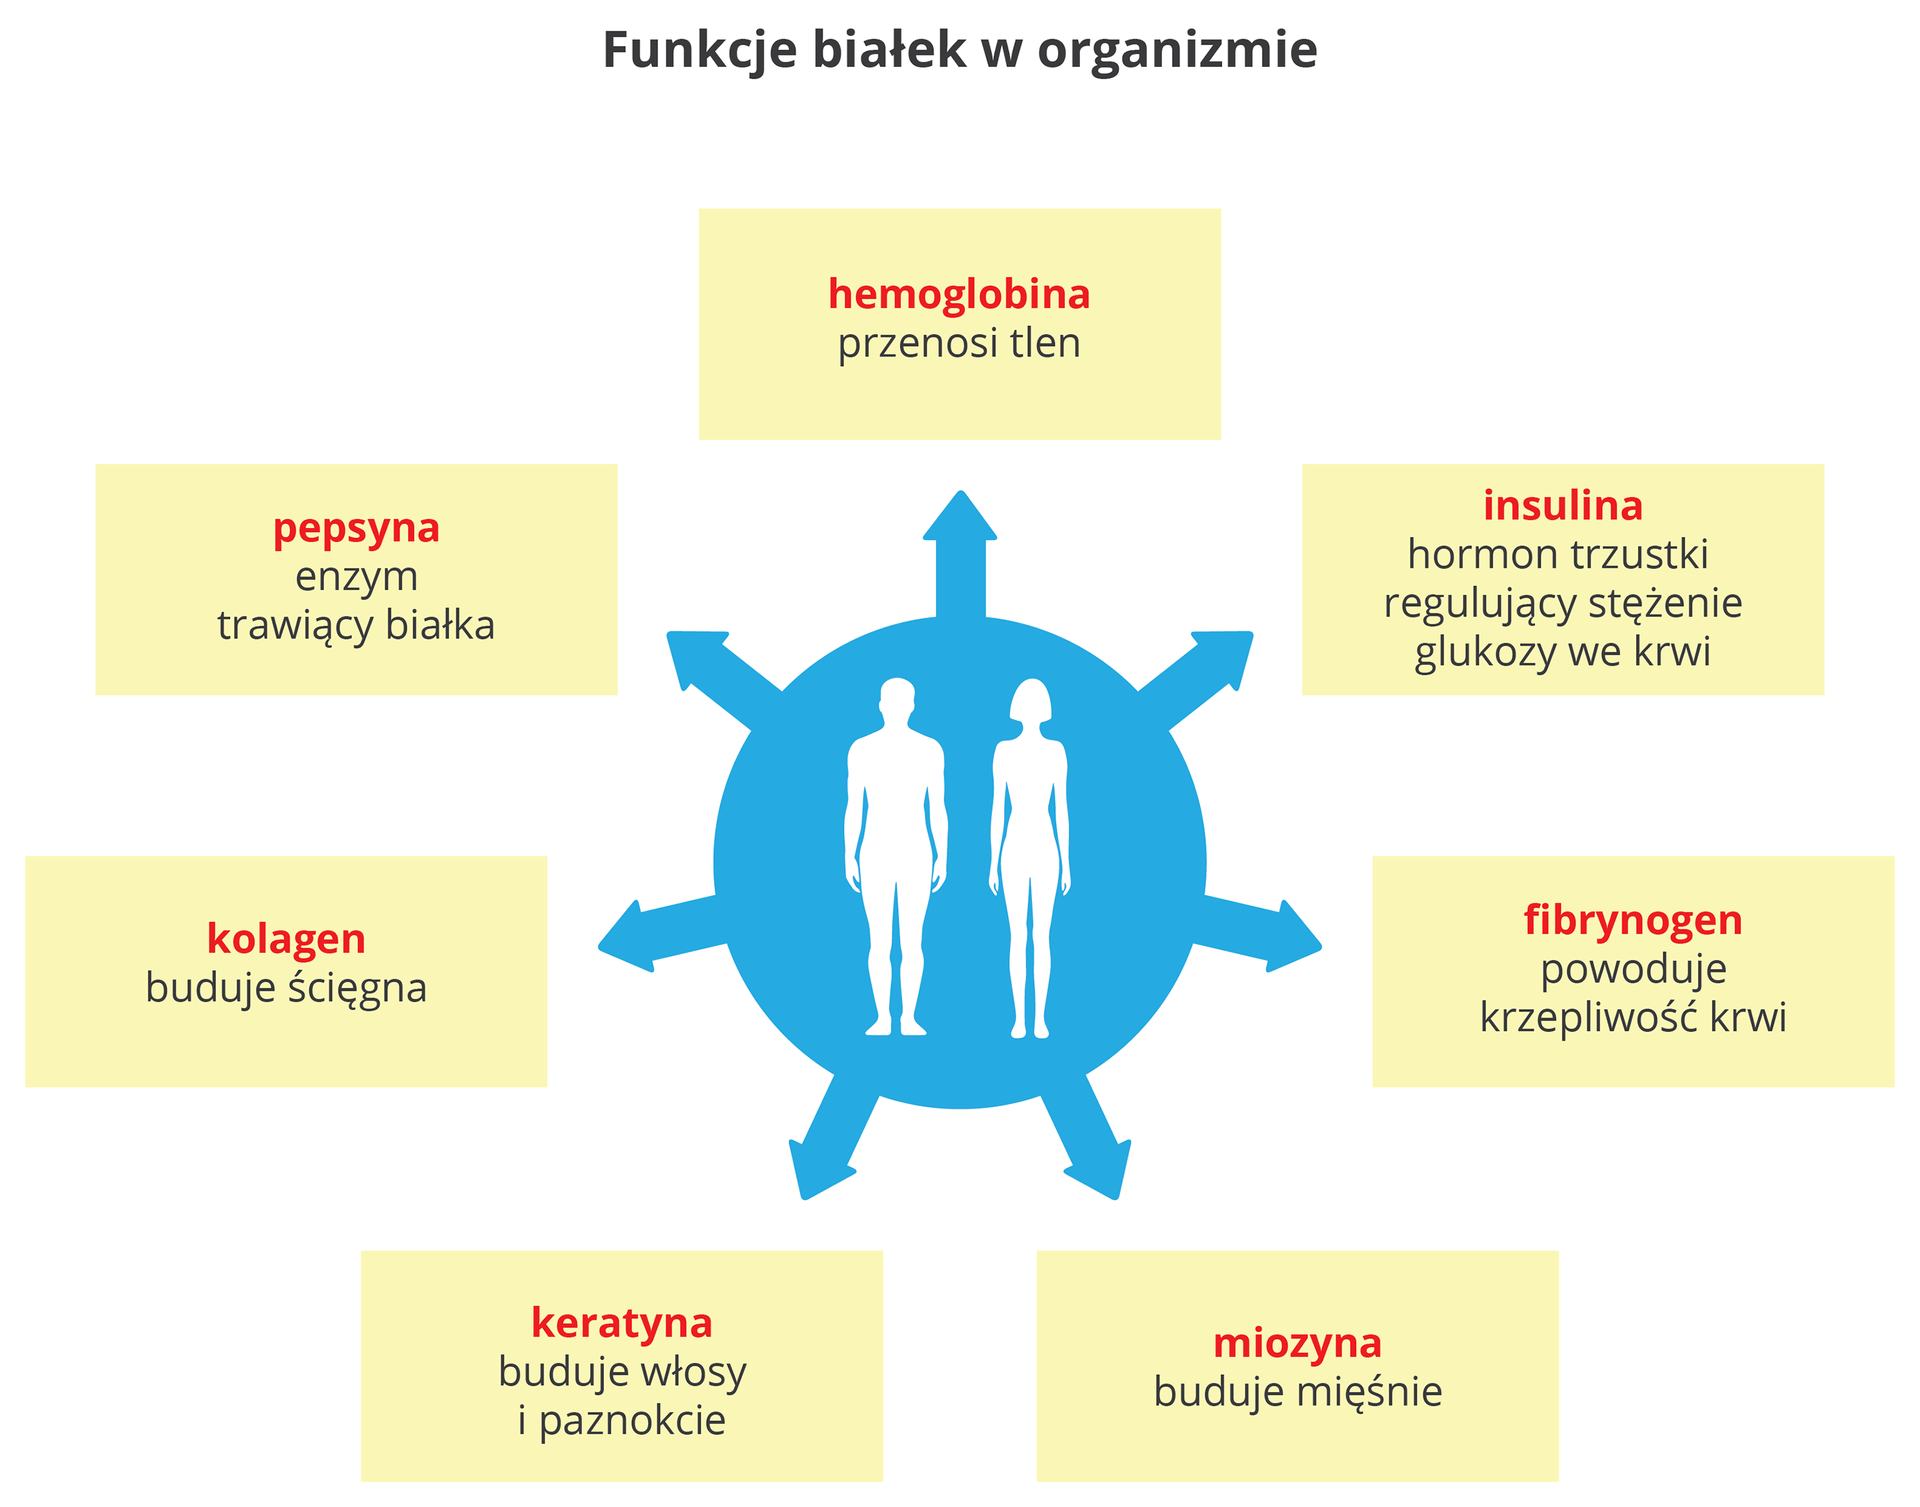 Funkcje białek worganizmie